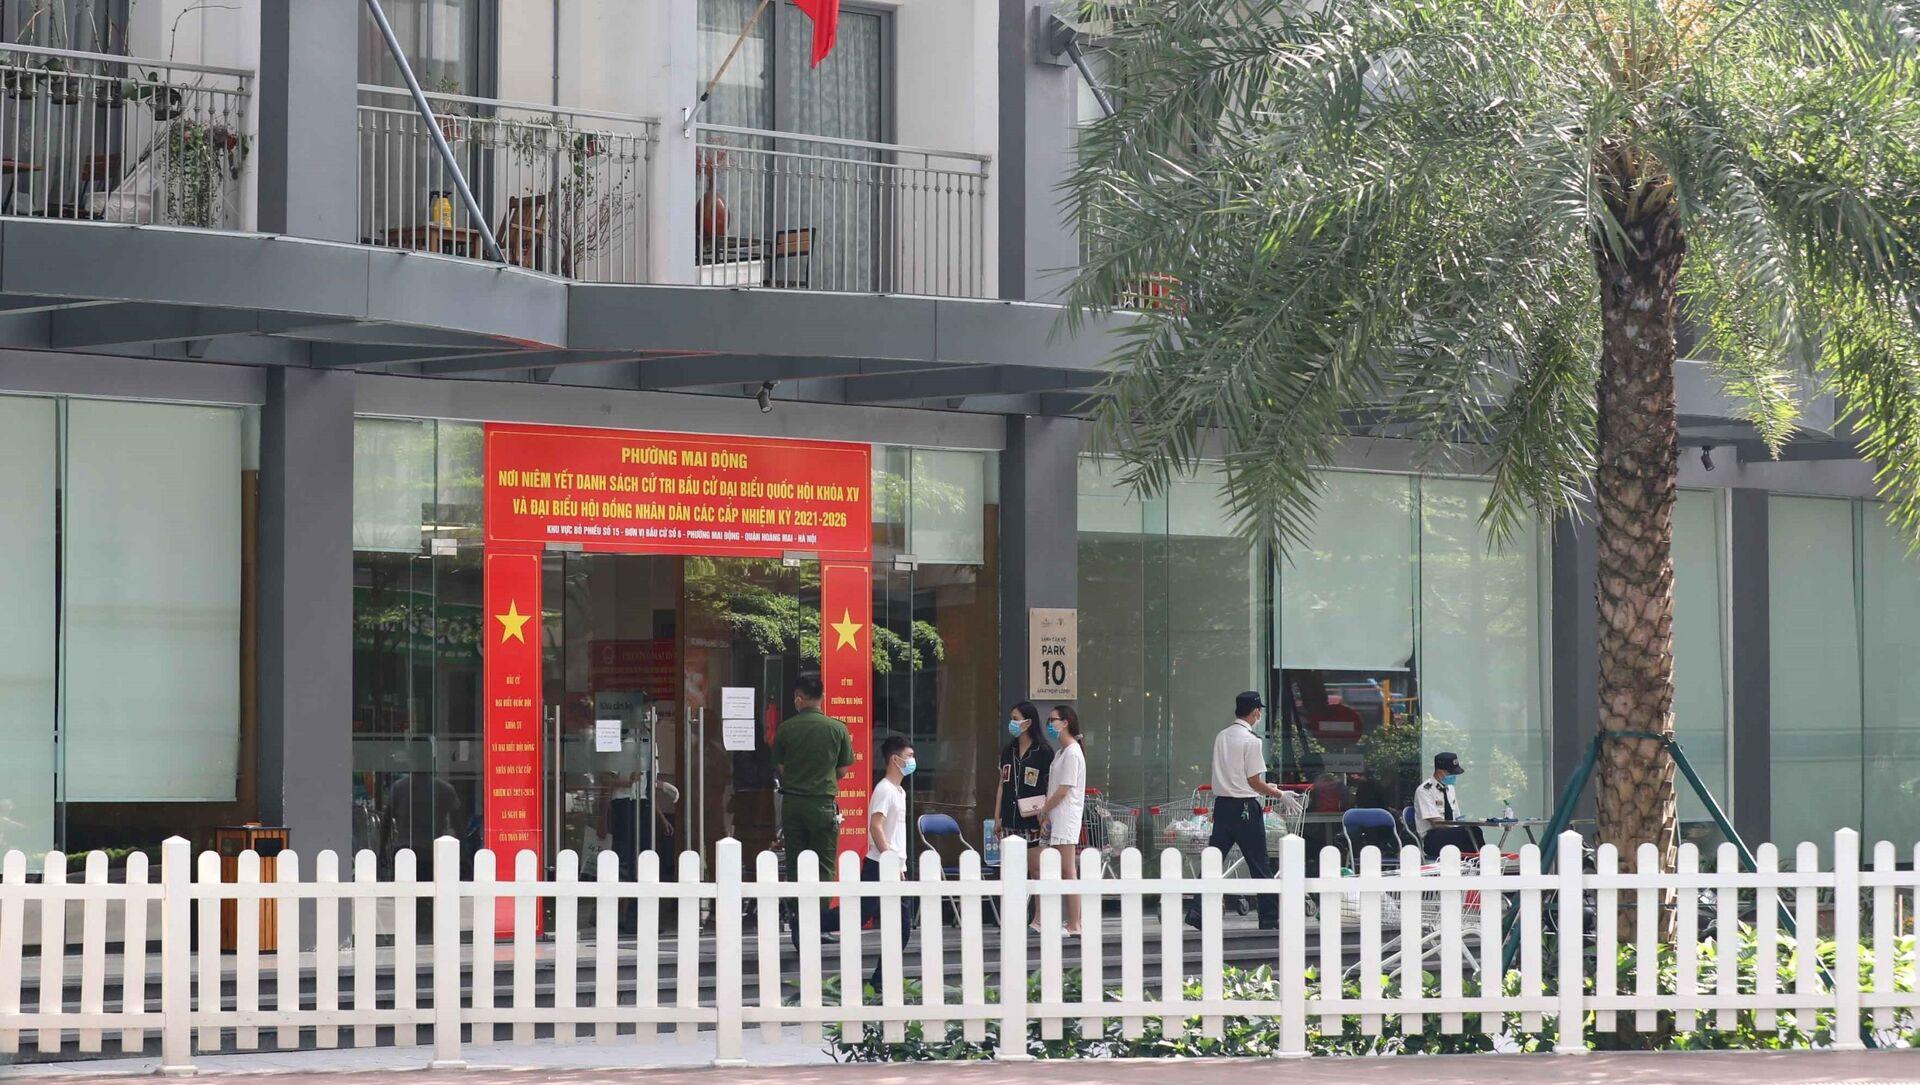 Hà Nội: Phong tỏa toài Park 10, Times City do phát hiện chuyên gia ấn độ dương tính với SARS-CoV-2 - Sputnik Việt Nam, 1920, 04.05.2021